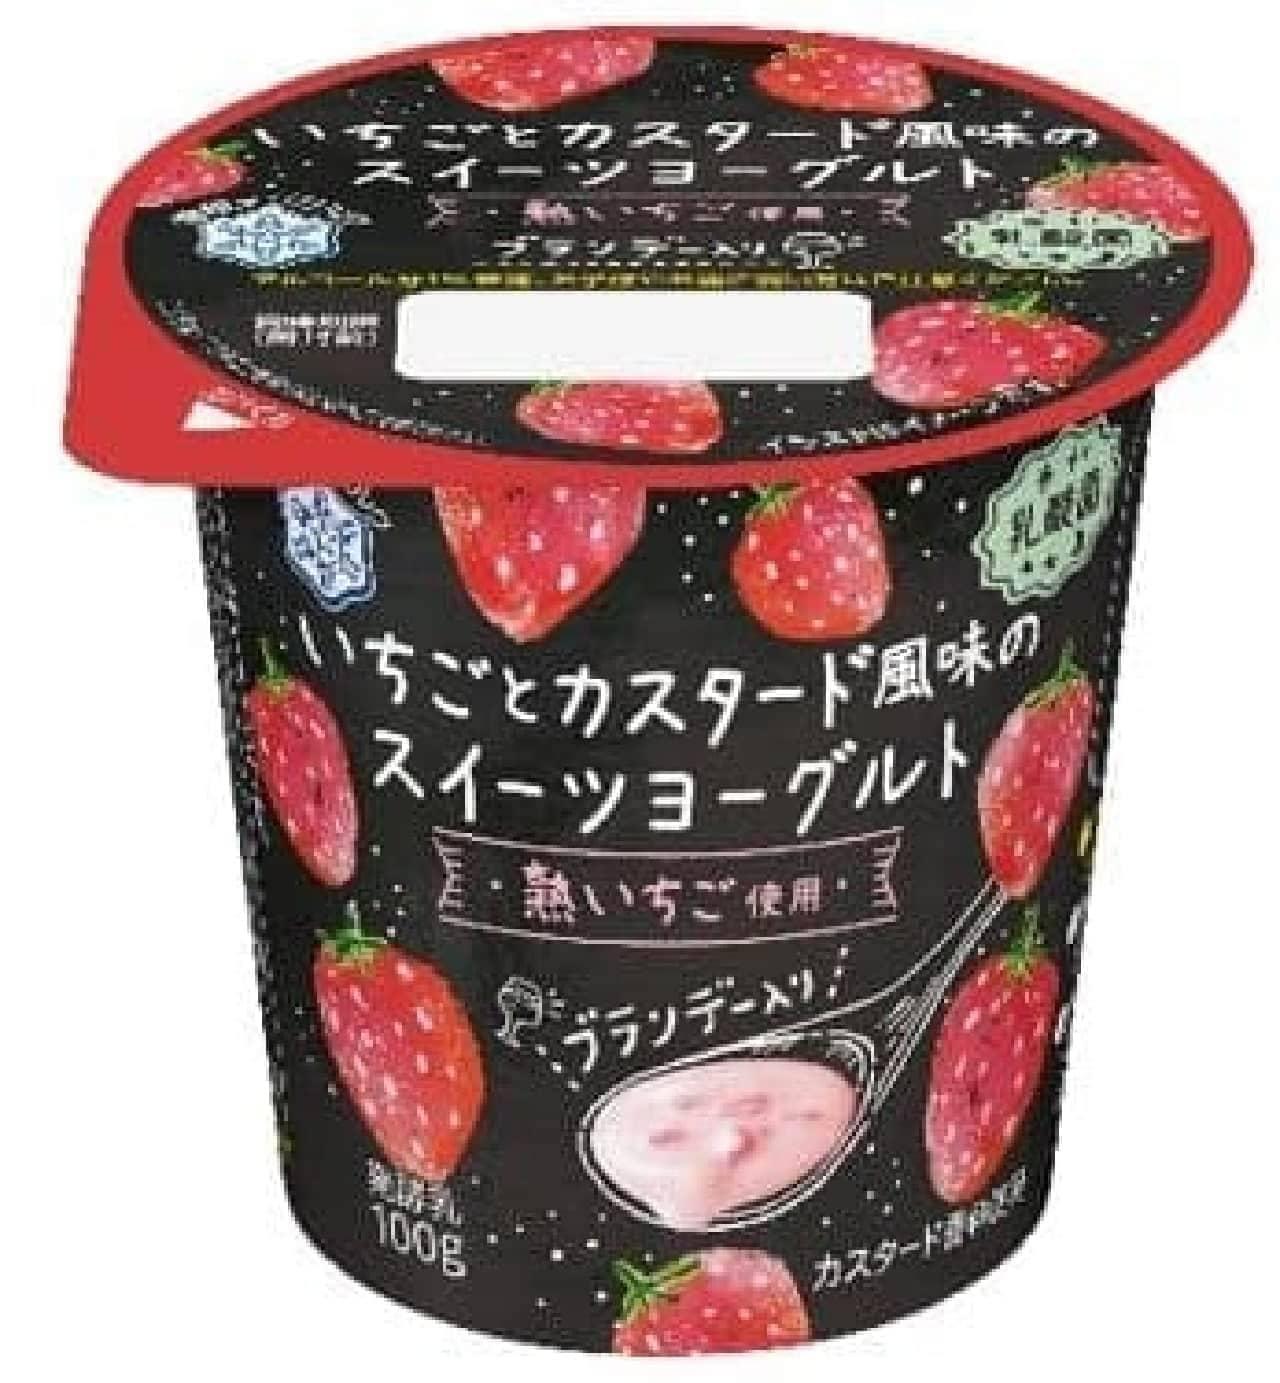 雪印メグミルク「いちごとカスタード風味のスイーツヨーグルト」